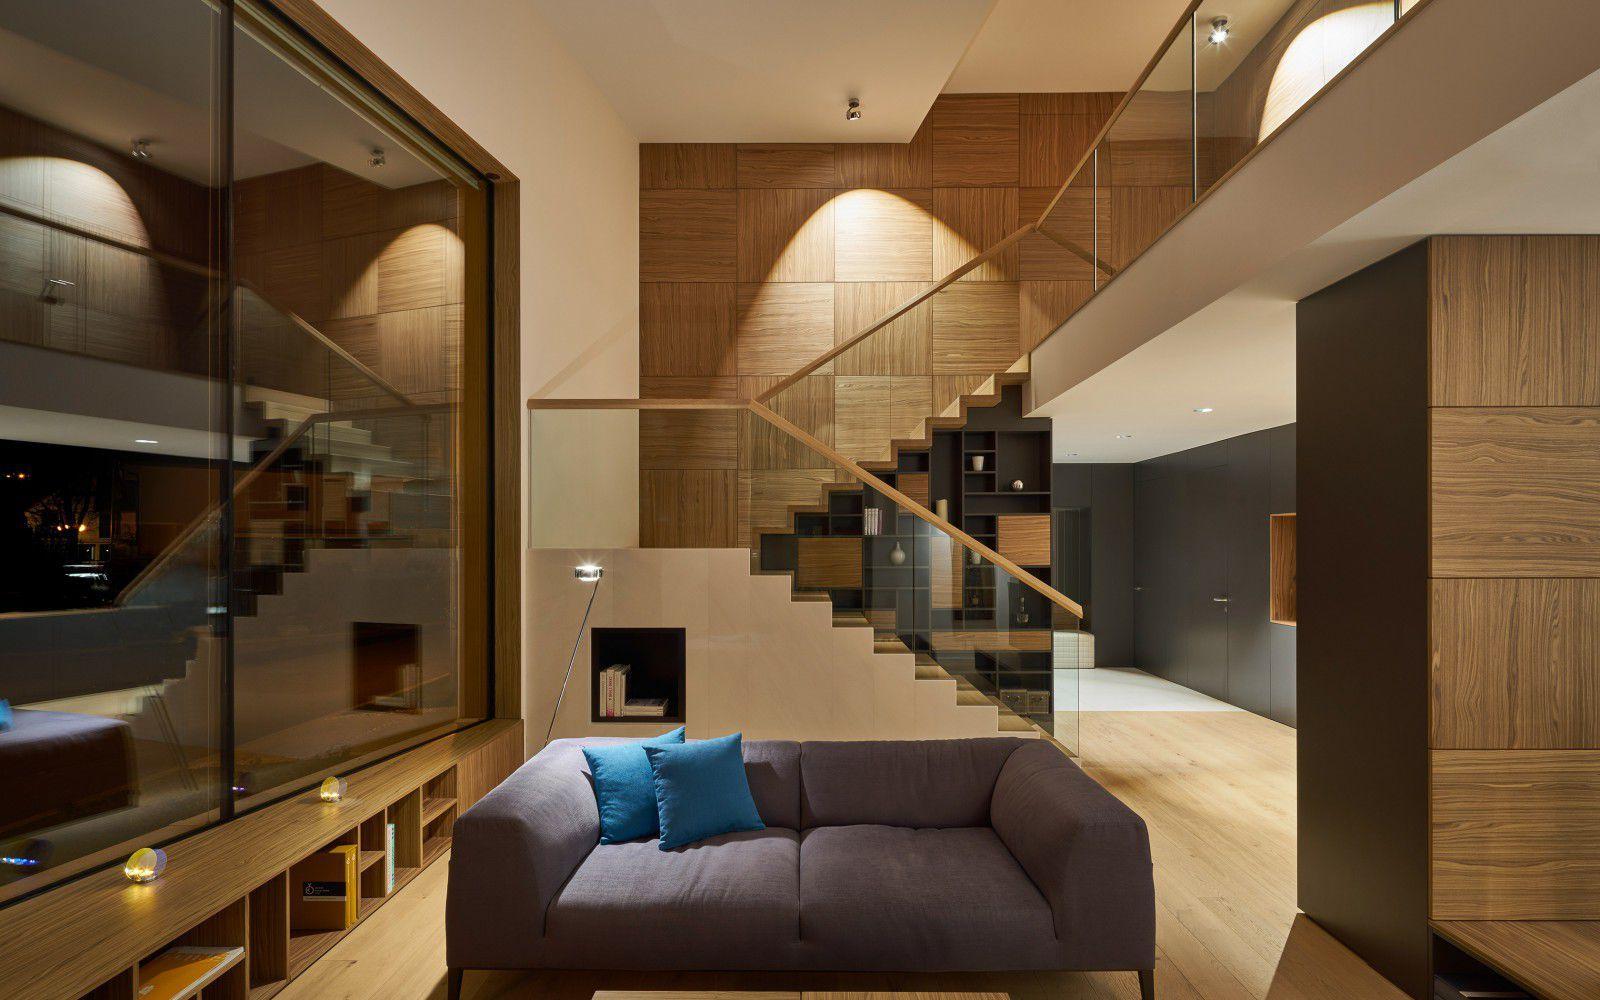 Soffitti Alti Illuminazione : Luci per soffitti alti disponi di soffitti alti ecco alcune idee